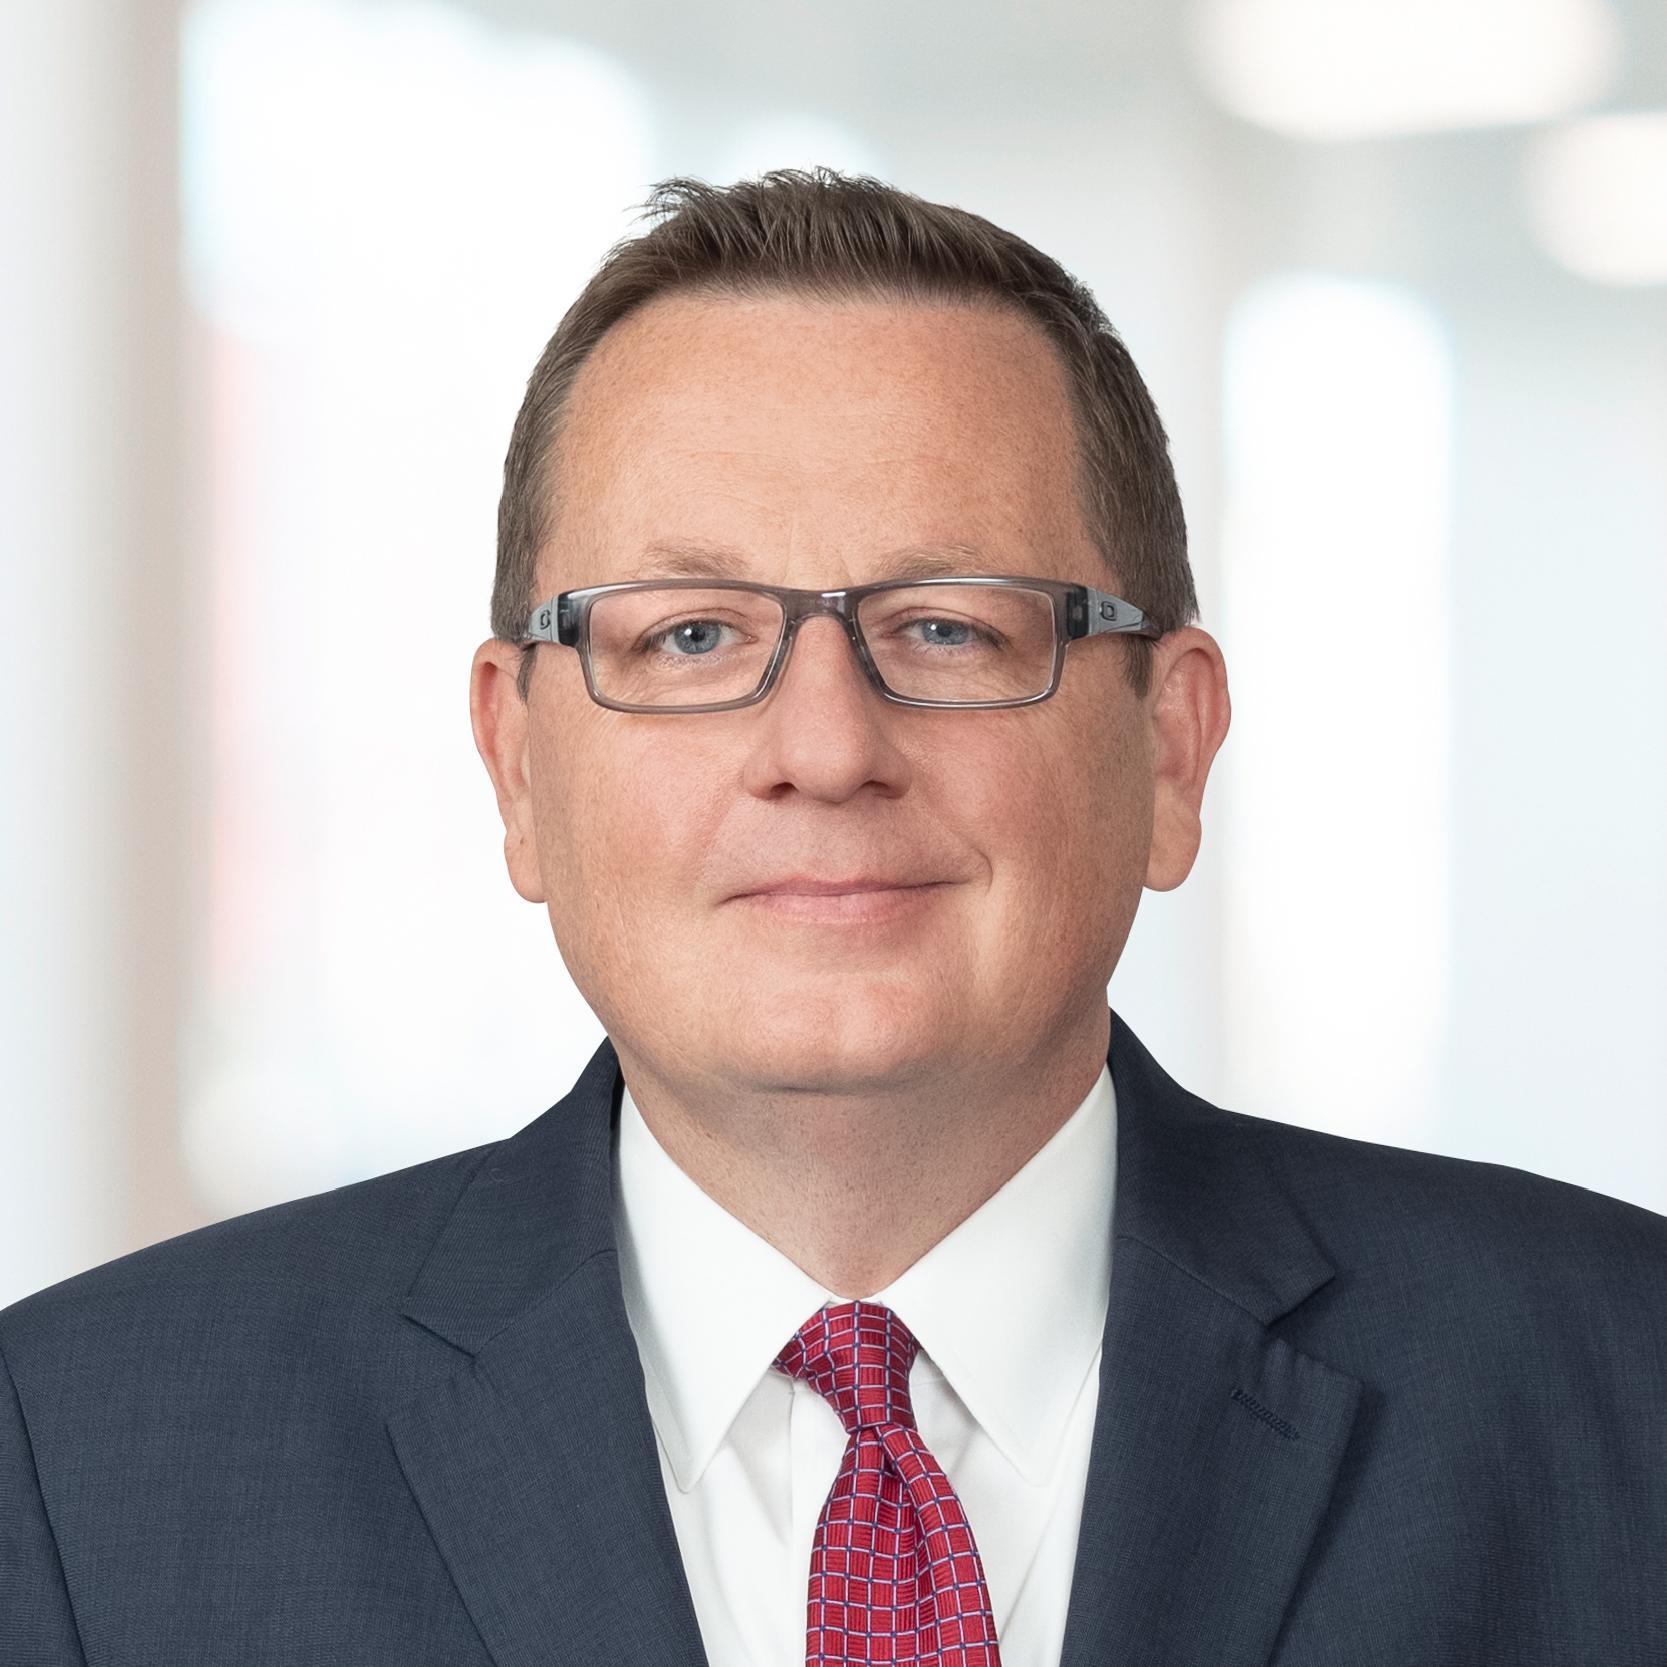 Daniel T. Swanson (Co-Chair)